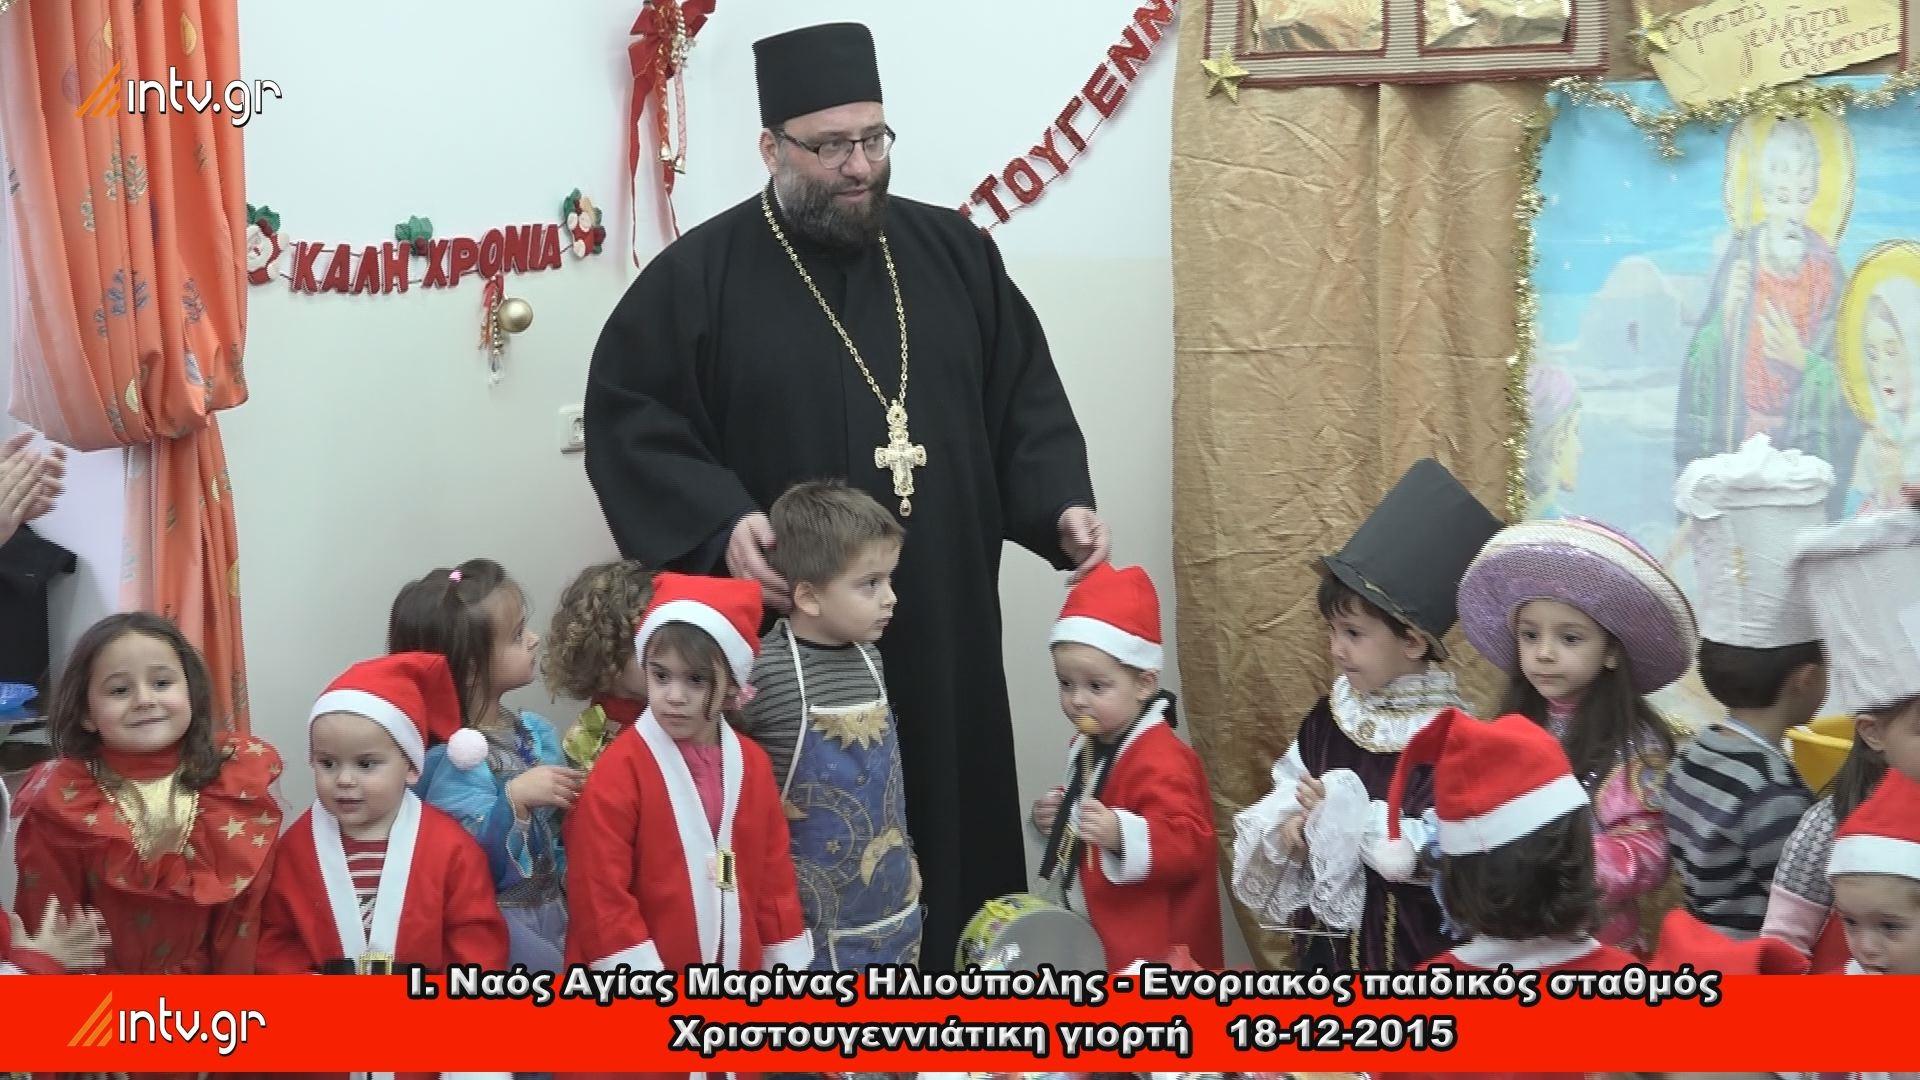 Ι. Ναός Αγίας Μαρίνας Ηλιούπολης - Ενοριακός παιδικός σταθμός - Χριστουγεννιάτικη γιορτή.